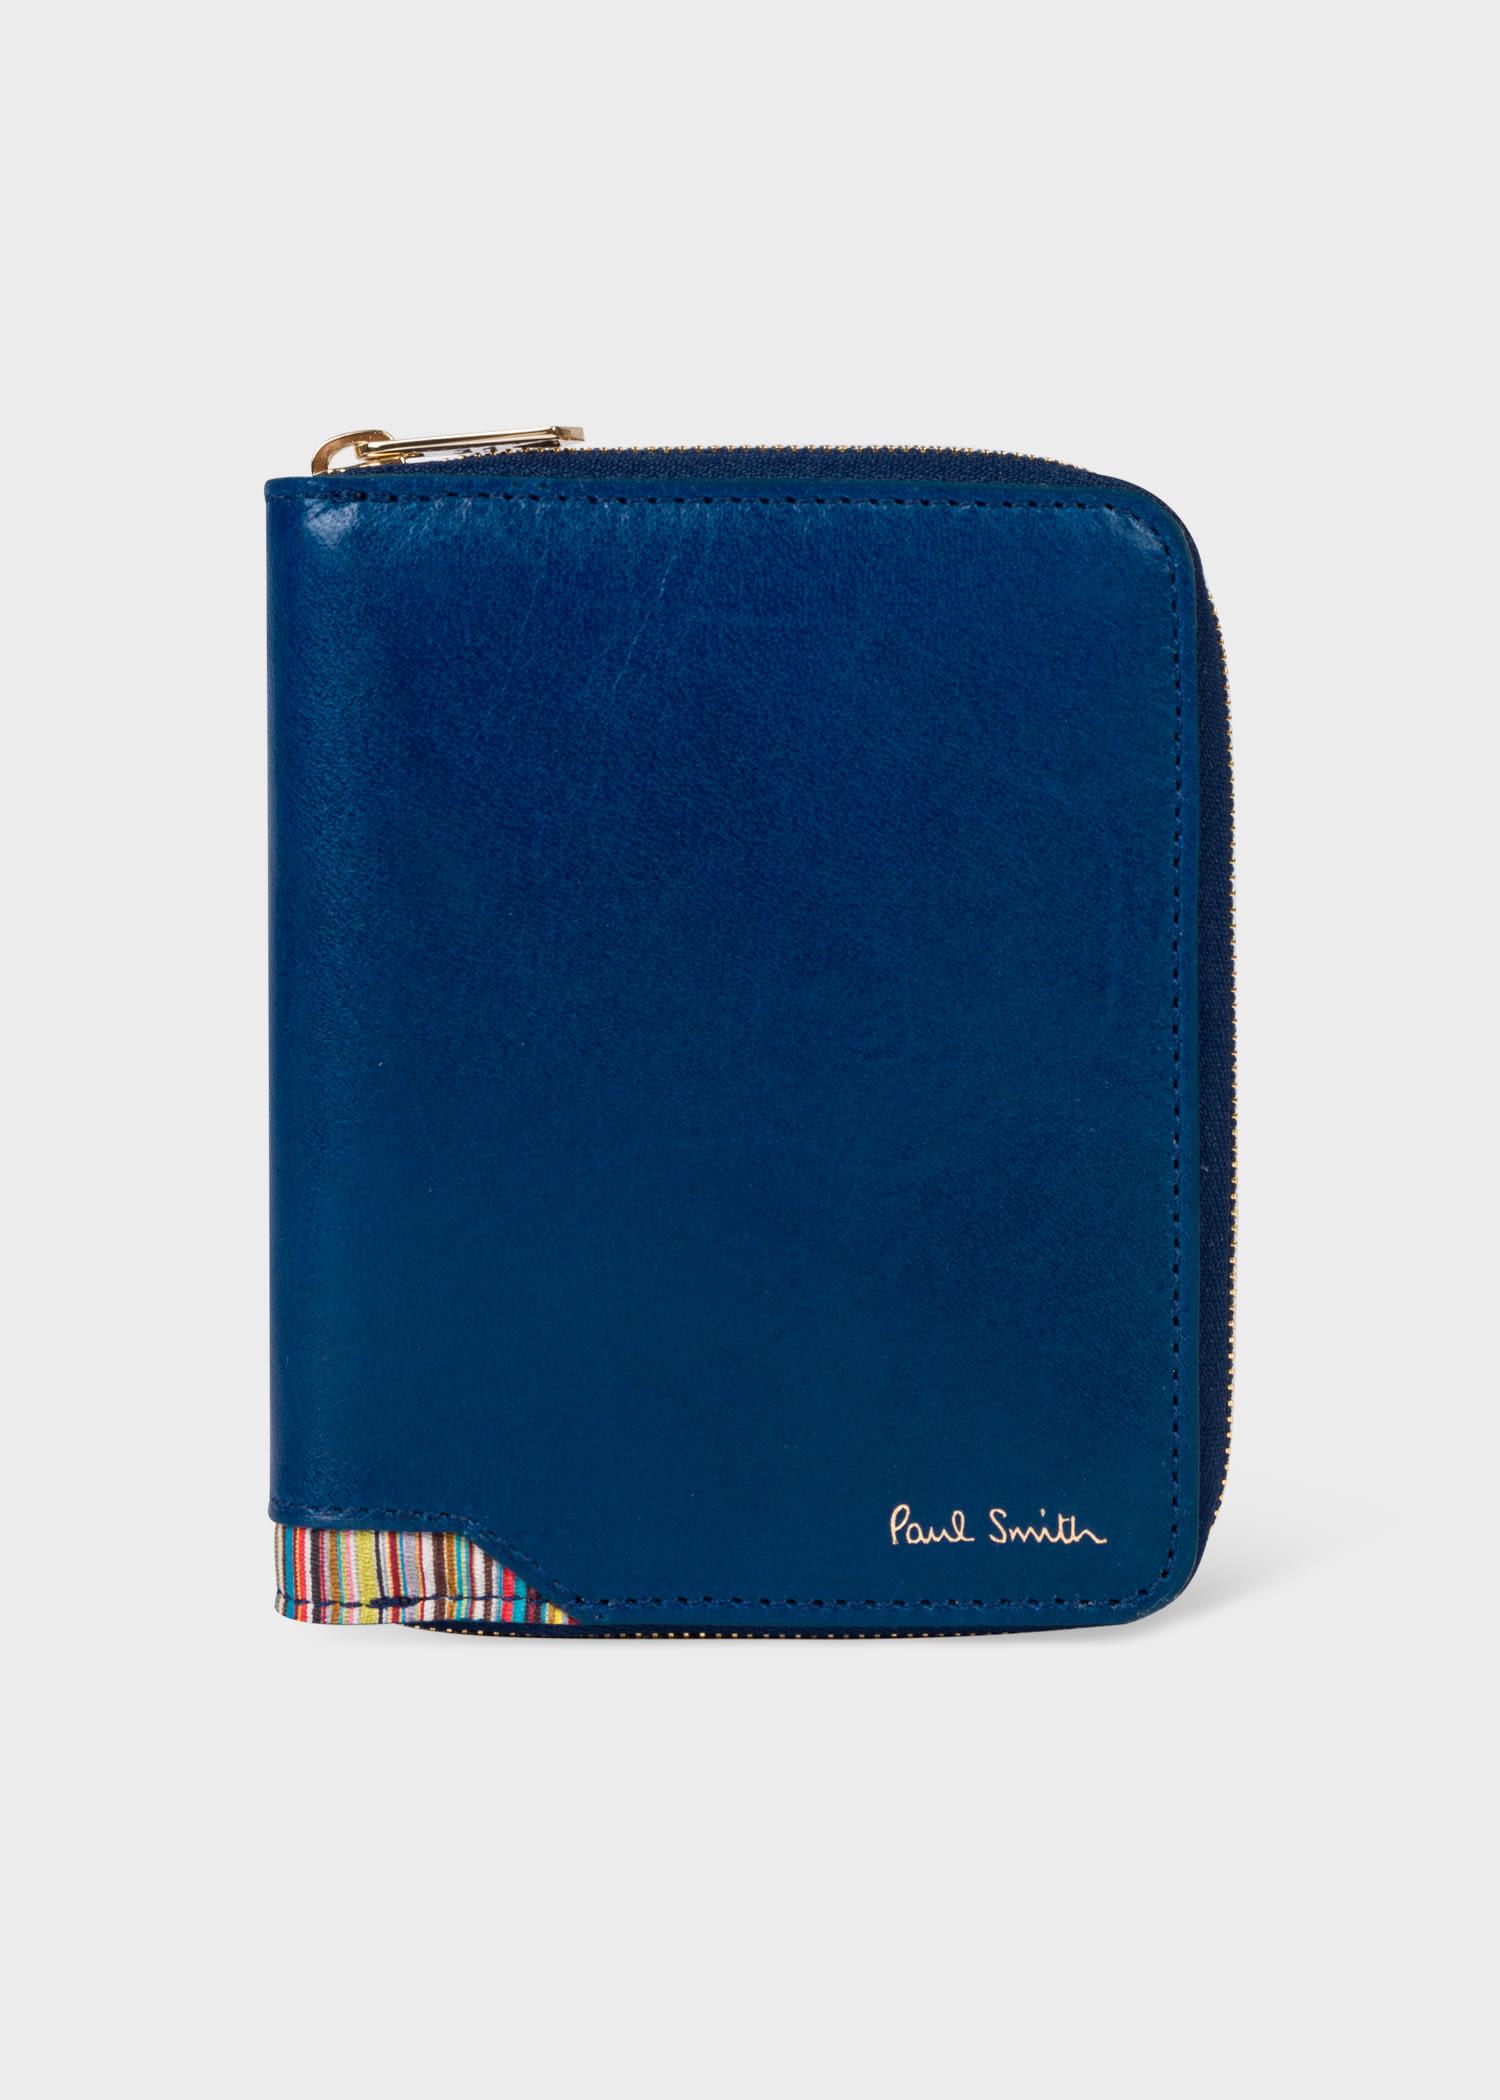 폴 스미스 지갑 Paul Smith Mens Blue Leather Zip-Around Wallet With Signature Stripe Corner Insert